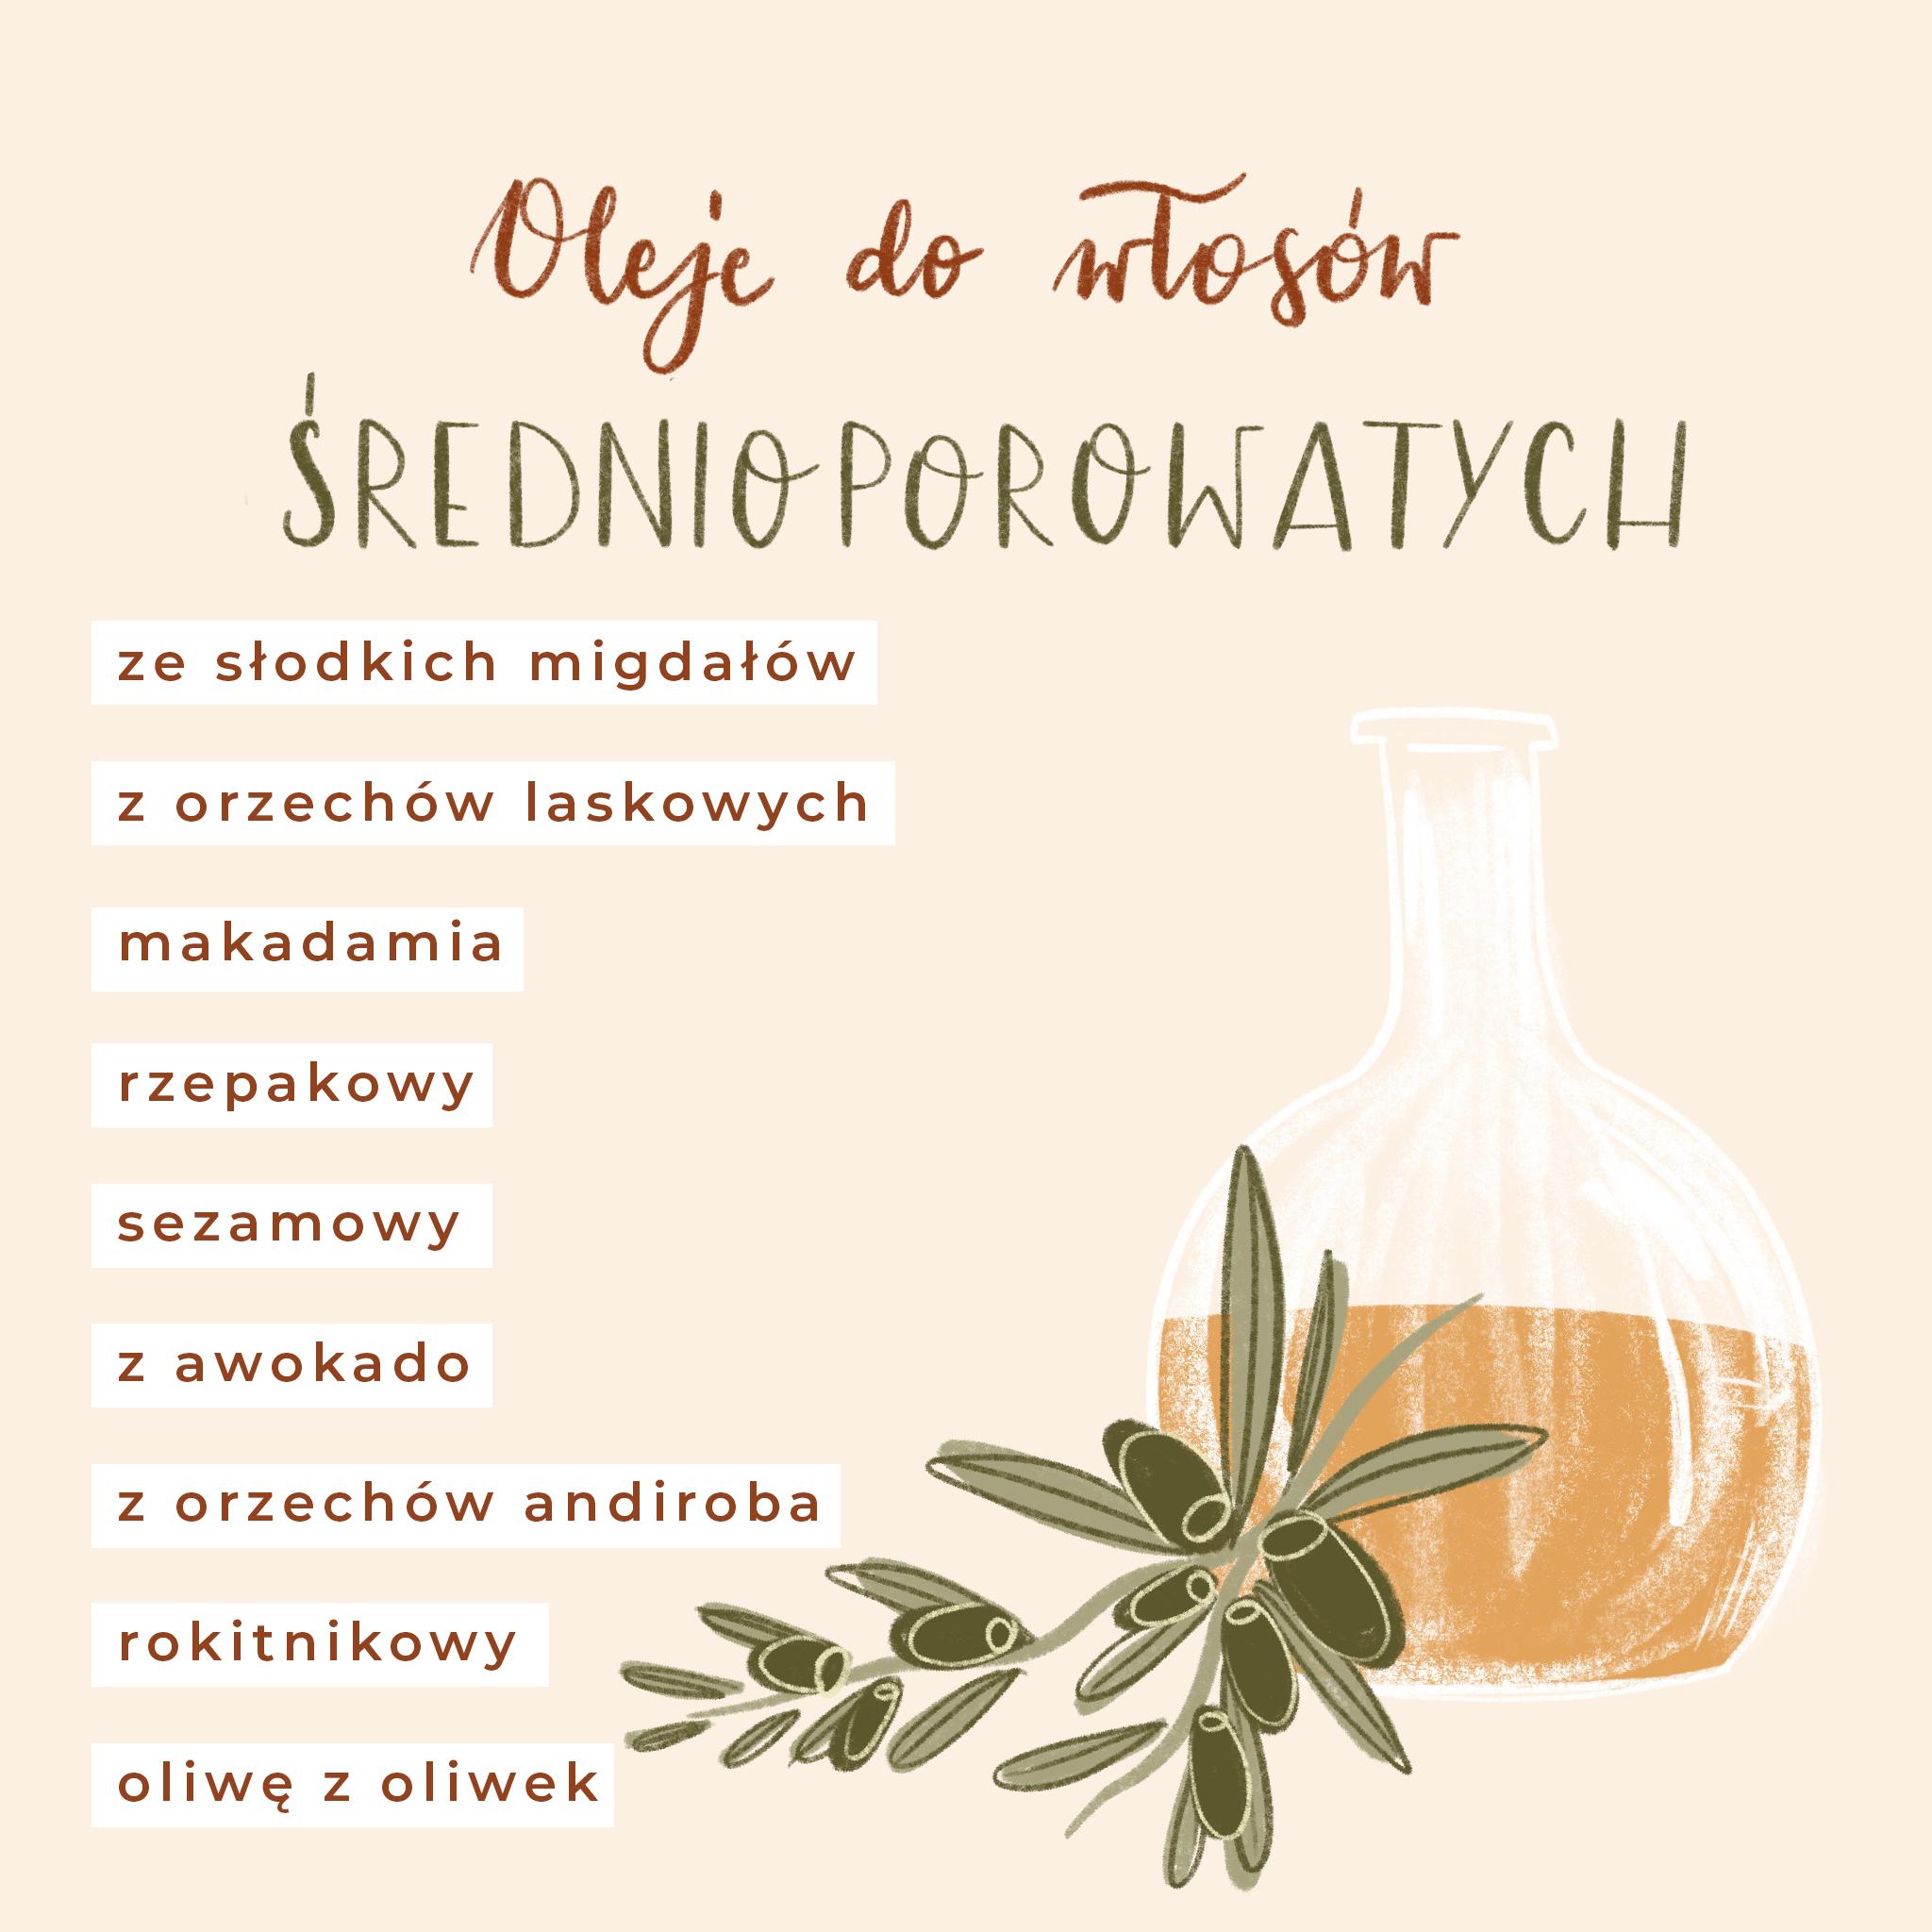 oleje do włosów średnioporowatych, olej ze słodkich migdałów, olej z orzechów laskowych, olej makadamia, olej rzepakowy, olej z awokado